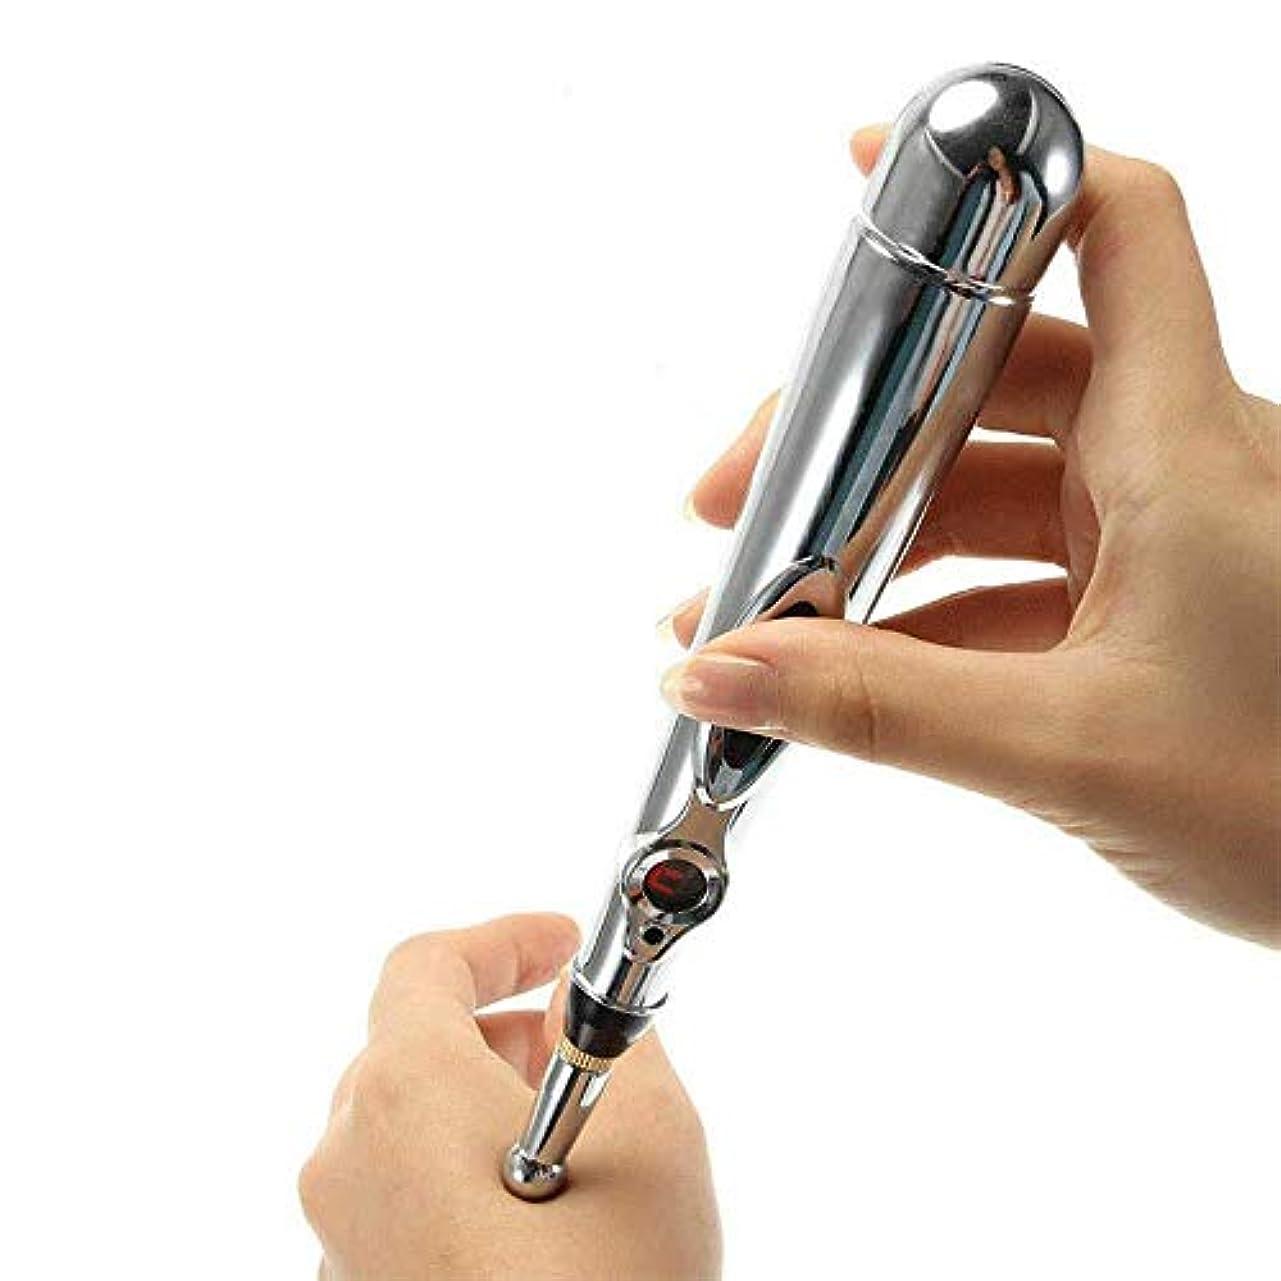 天井淡いシリーズLT 鍼治療用ペン、3種類のマッサージヘッドを備えた電子針、正確な経絡ポイントケアボディパルスマッサージデバイス、強力な経絡エネルギーペンレリーフの痛み